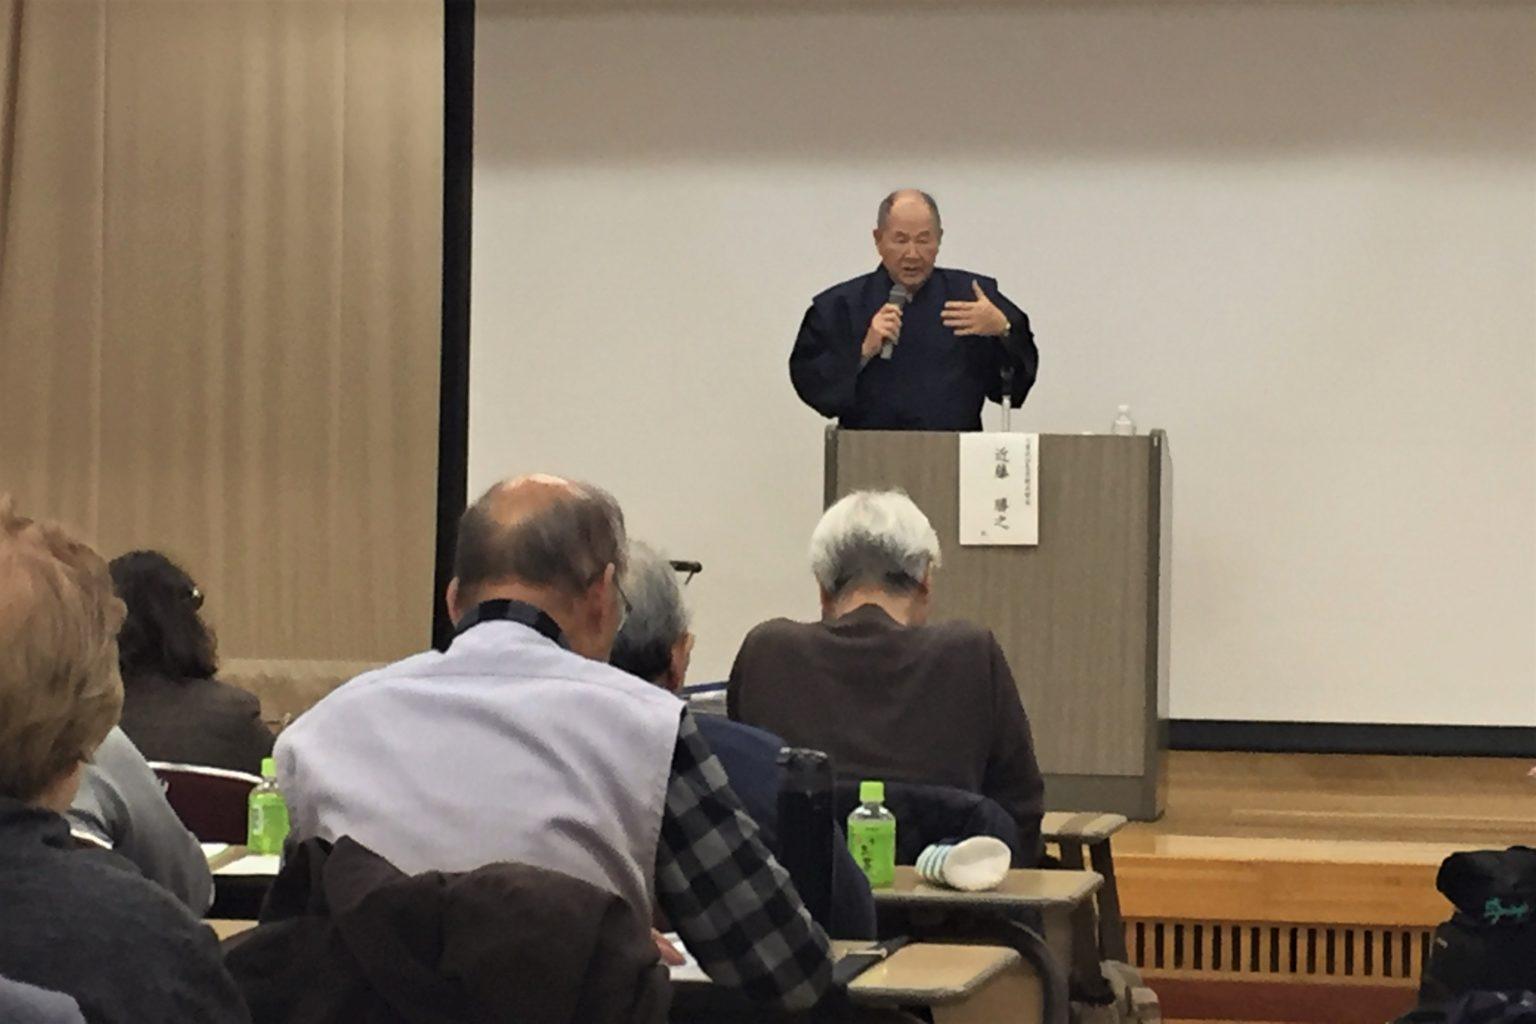 講師の近藤勝之さん